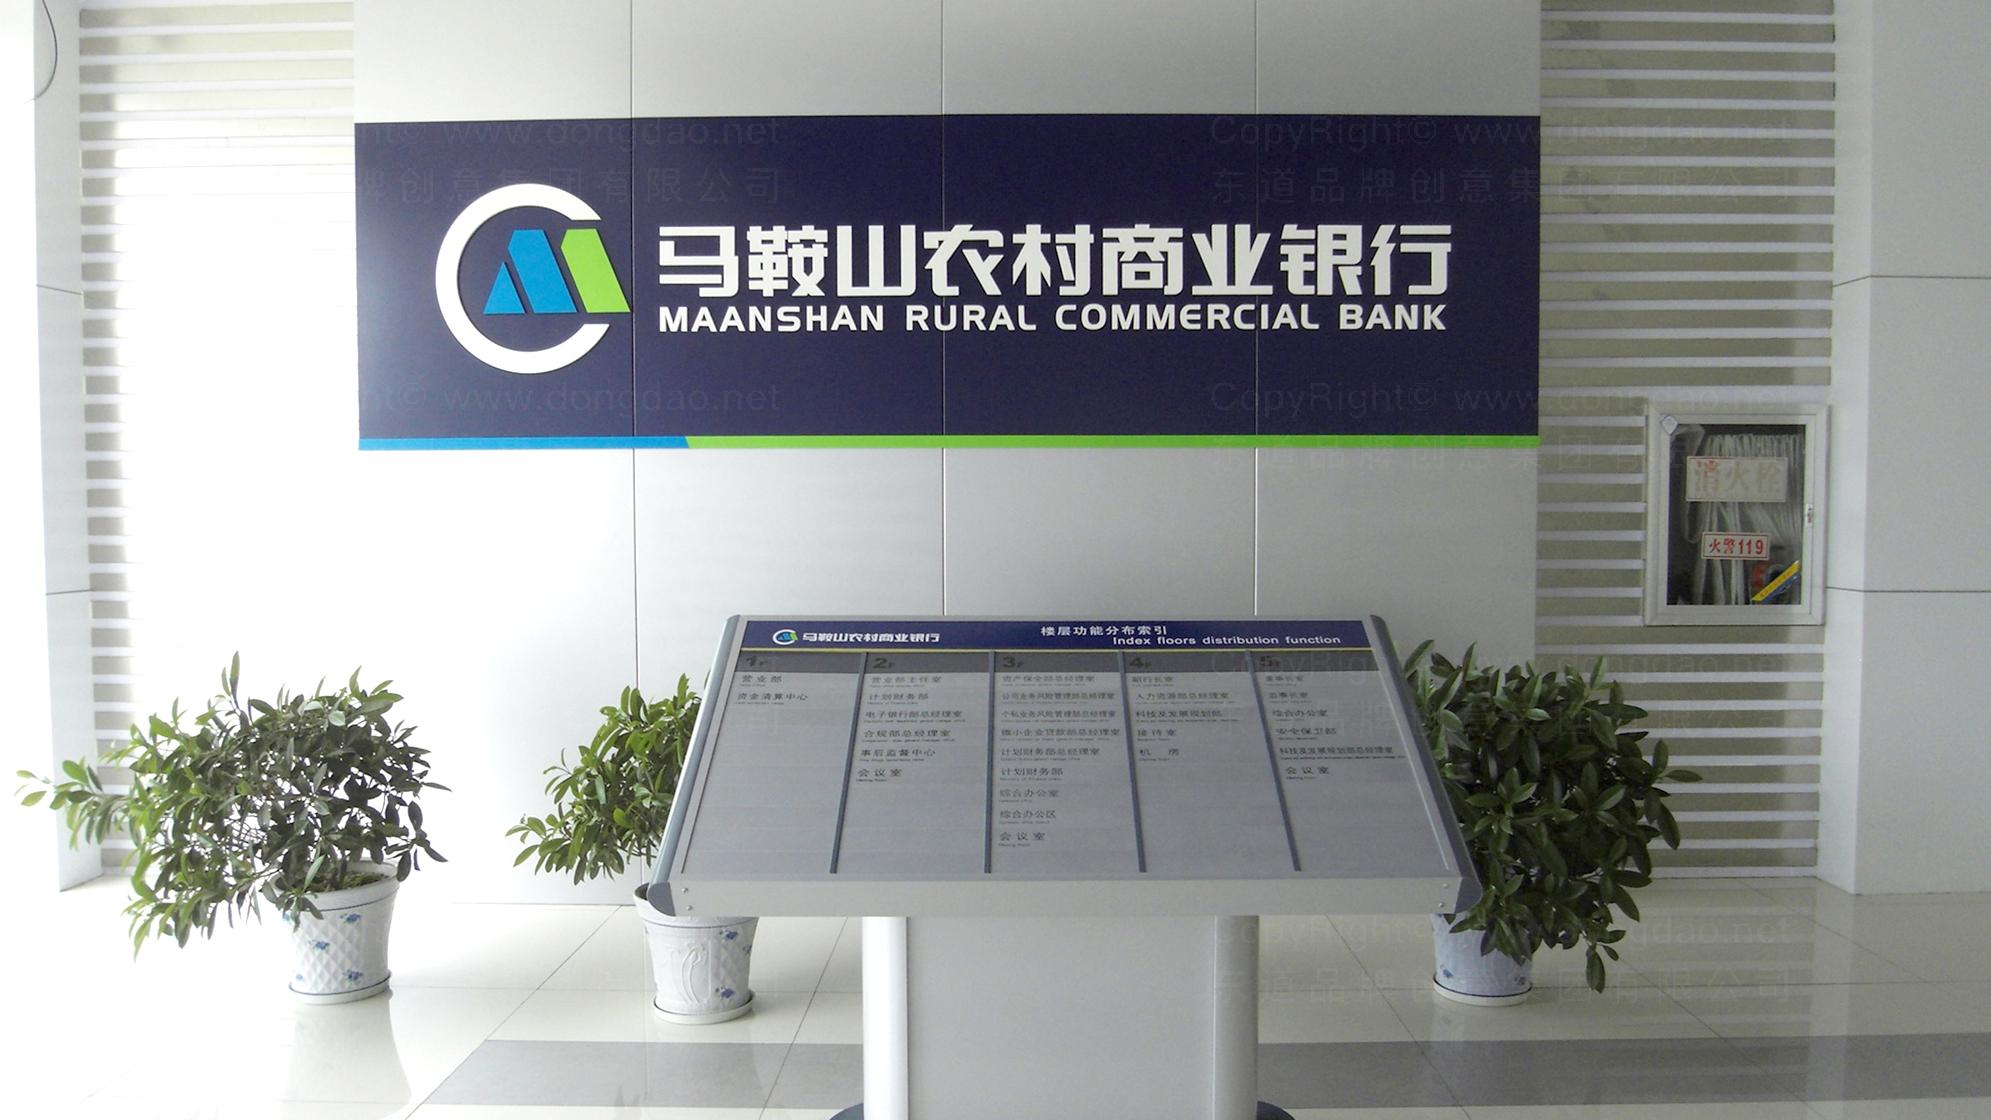 品牌设计马鞍山农商行LOGO&VI设计应用场景_1